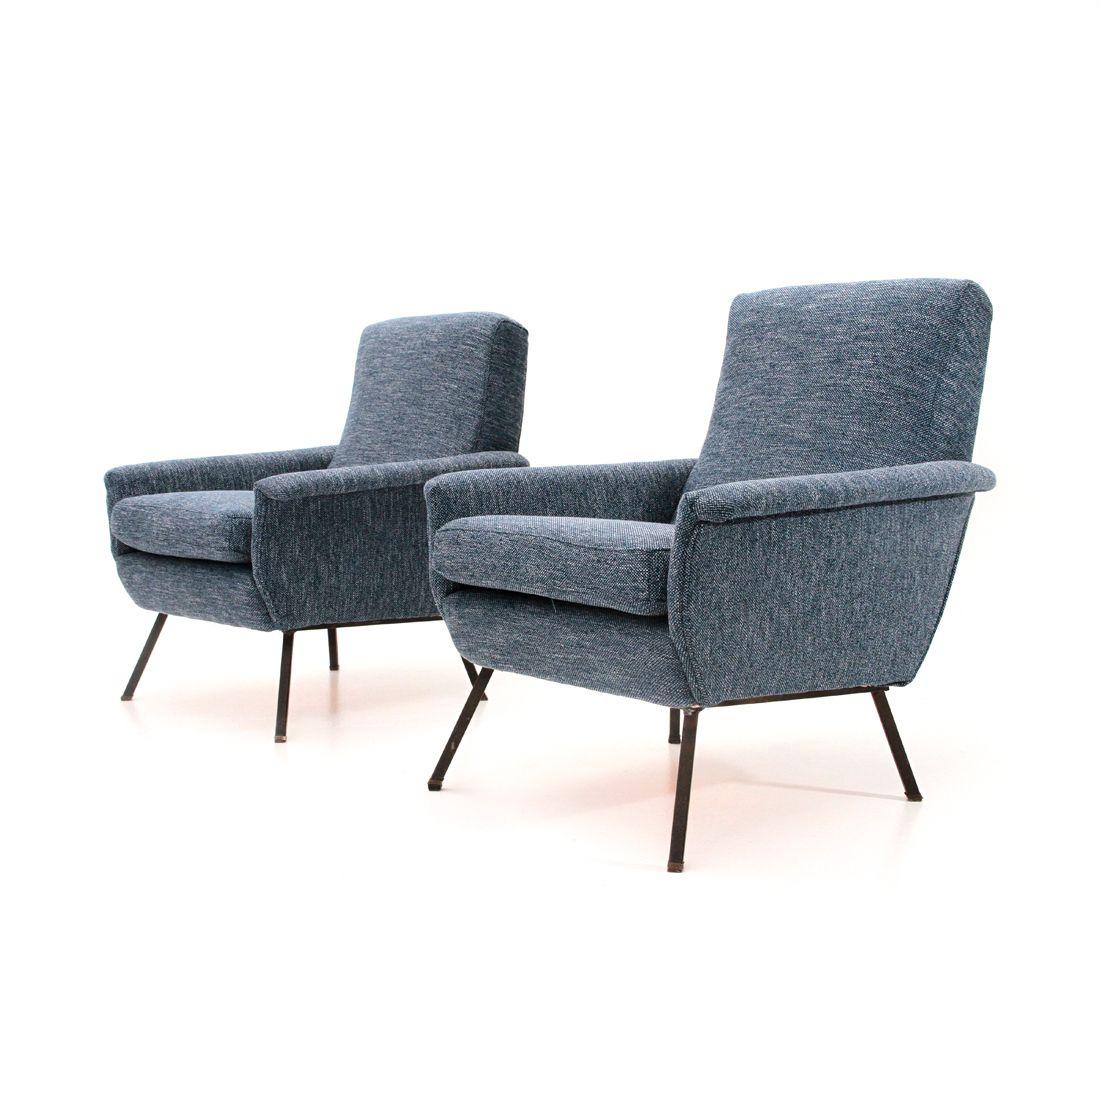 mid century sessel 1960er 2er set bei pamono kaufen. Black Bedroom Furniture Sets. Home Design Ideas